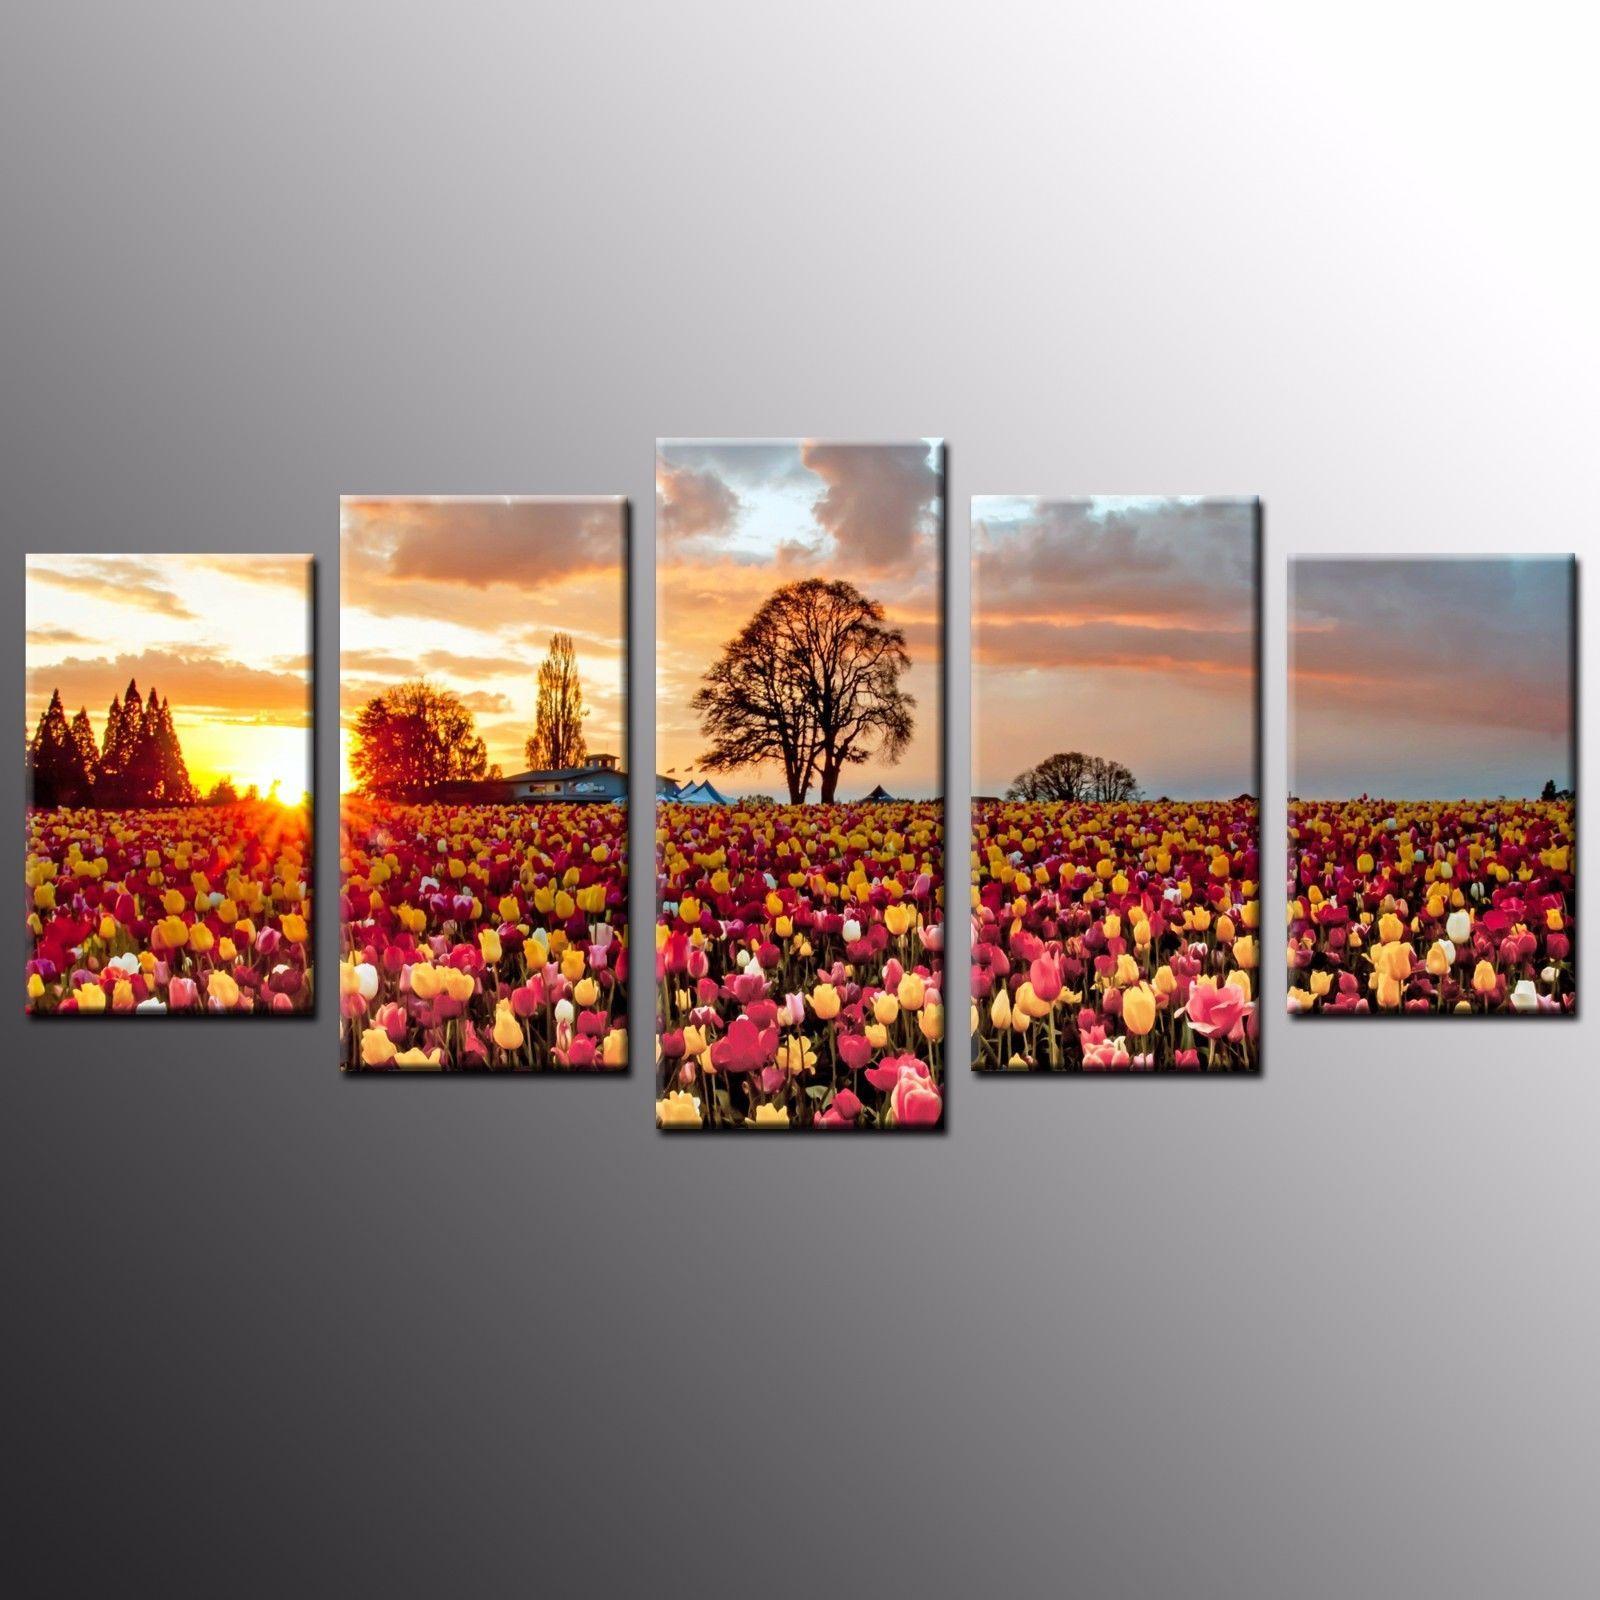 Hd Canvas Print Art Home Decor Wall